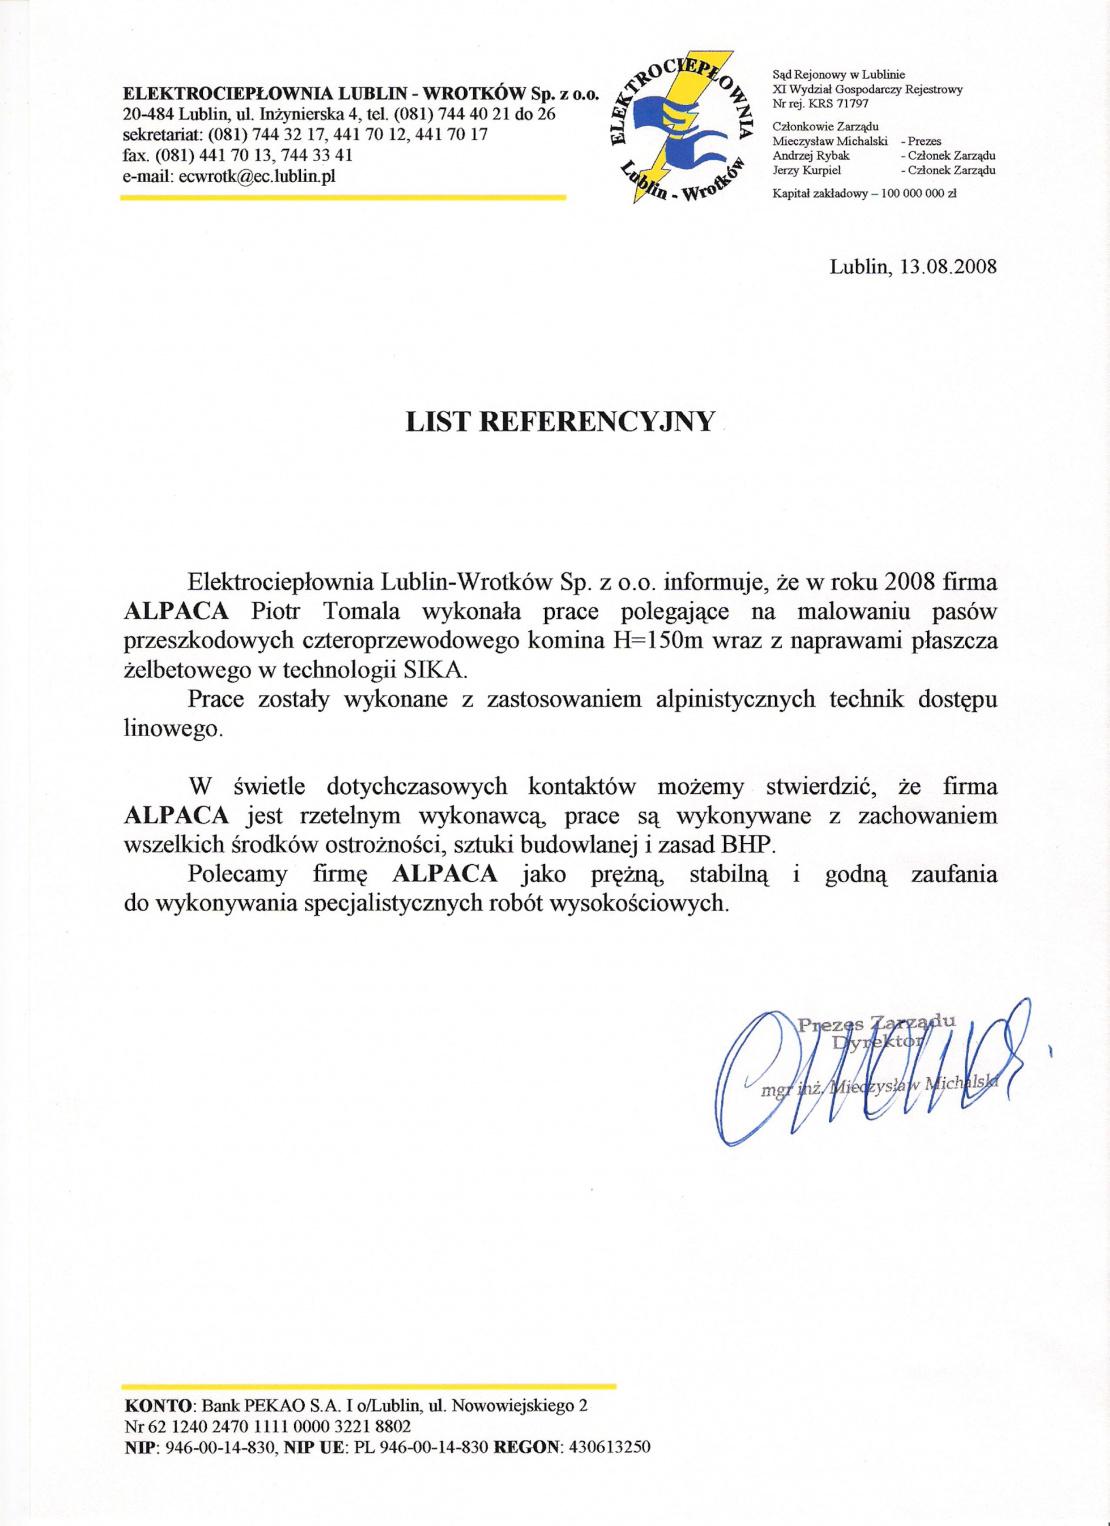 List referencyjny dotyczący remontu komina żelbetowego h=160m w Elektrociepłowni Lublin - Wrotków.